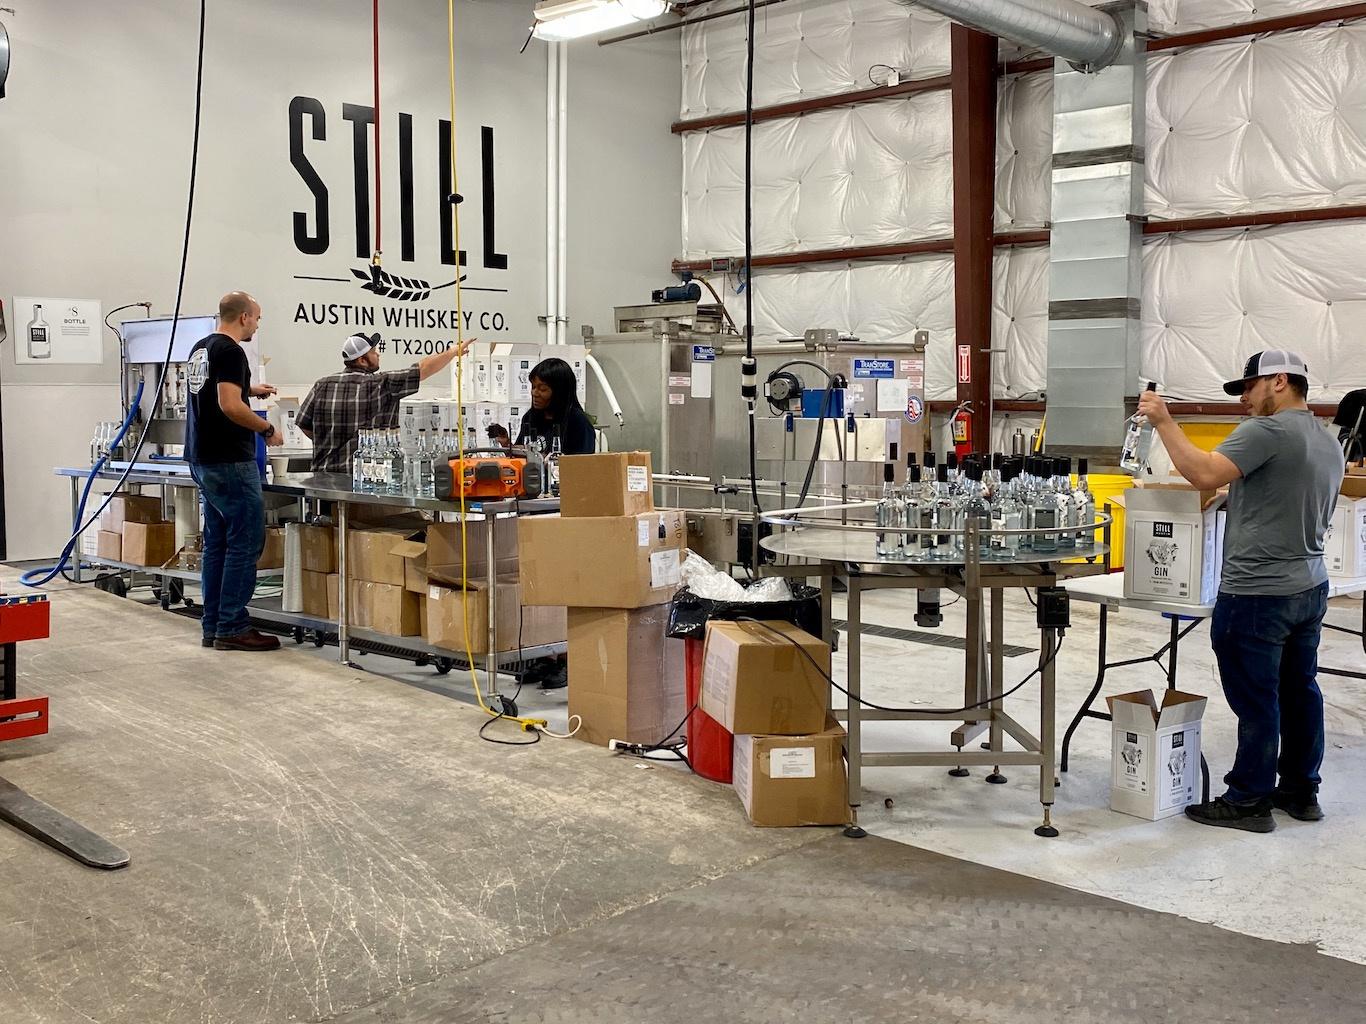 Bottling Line -Still Austin Whiskey Co